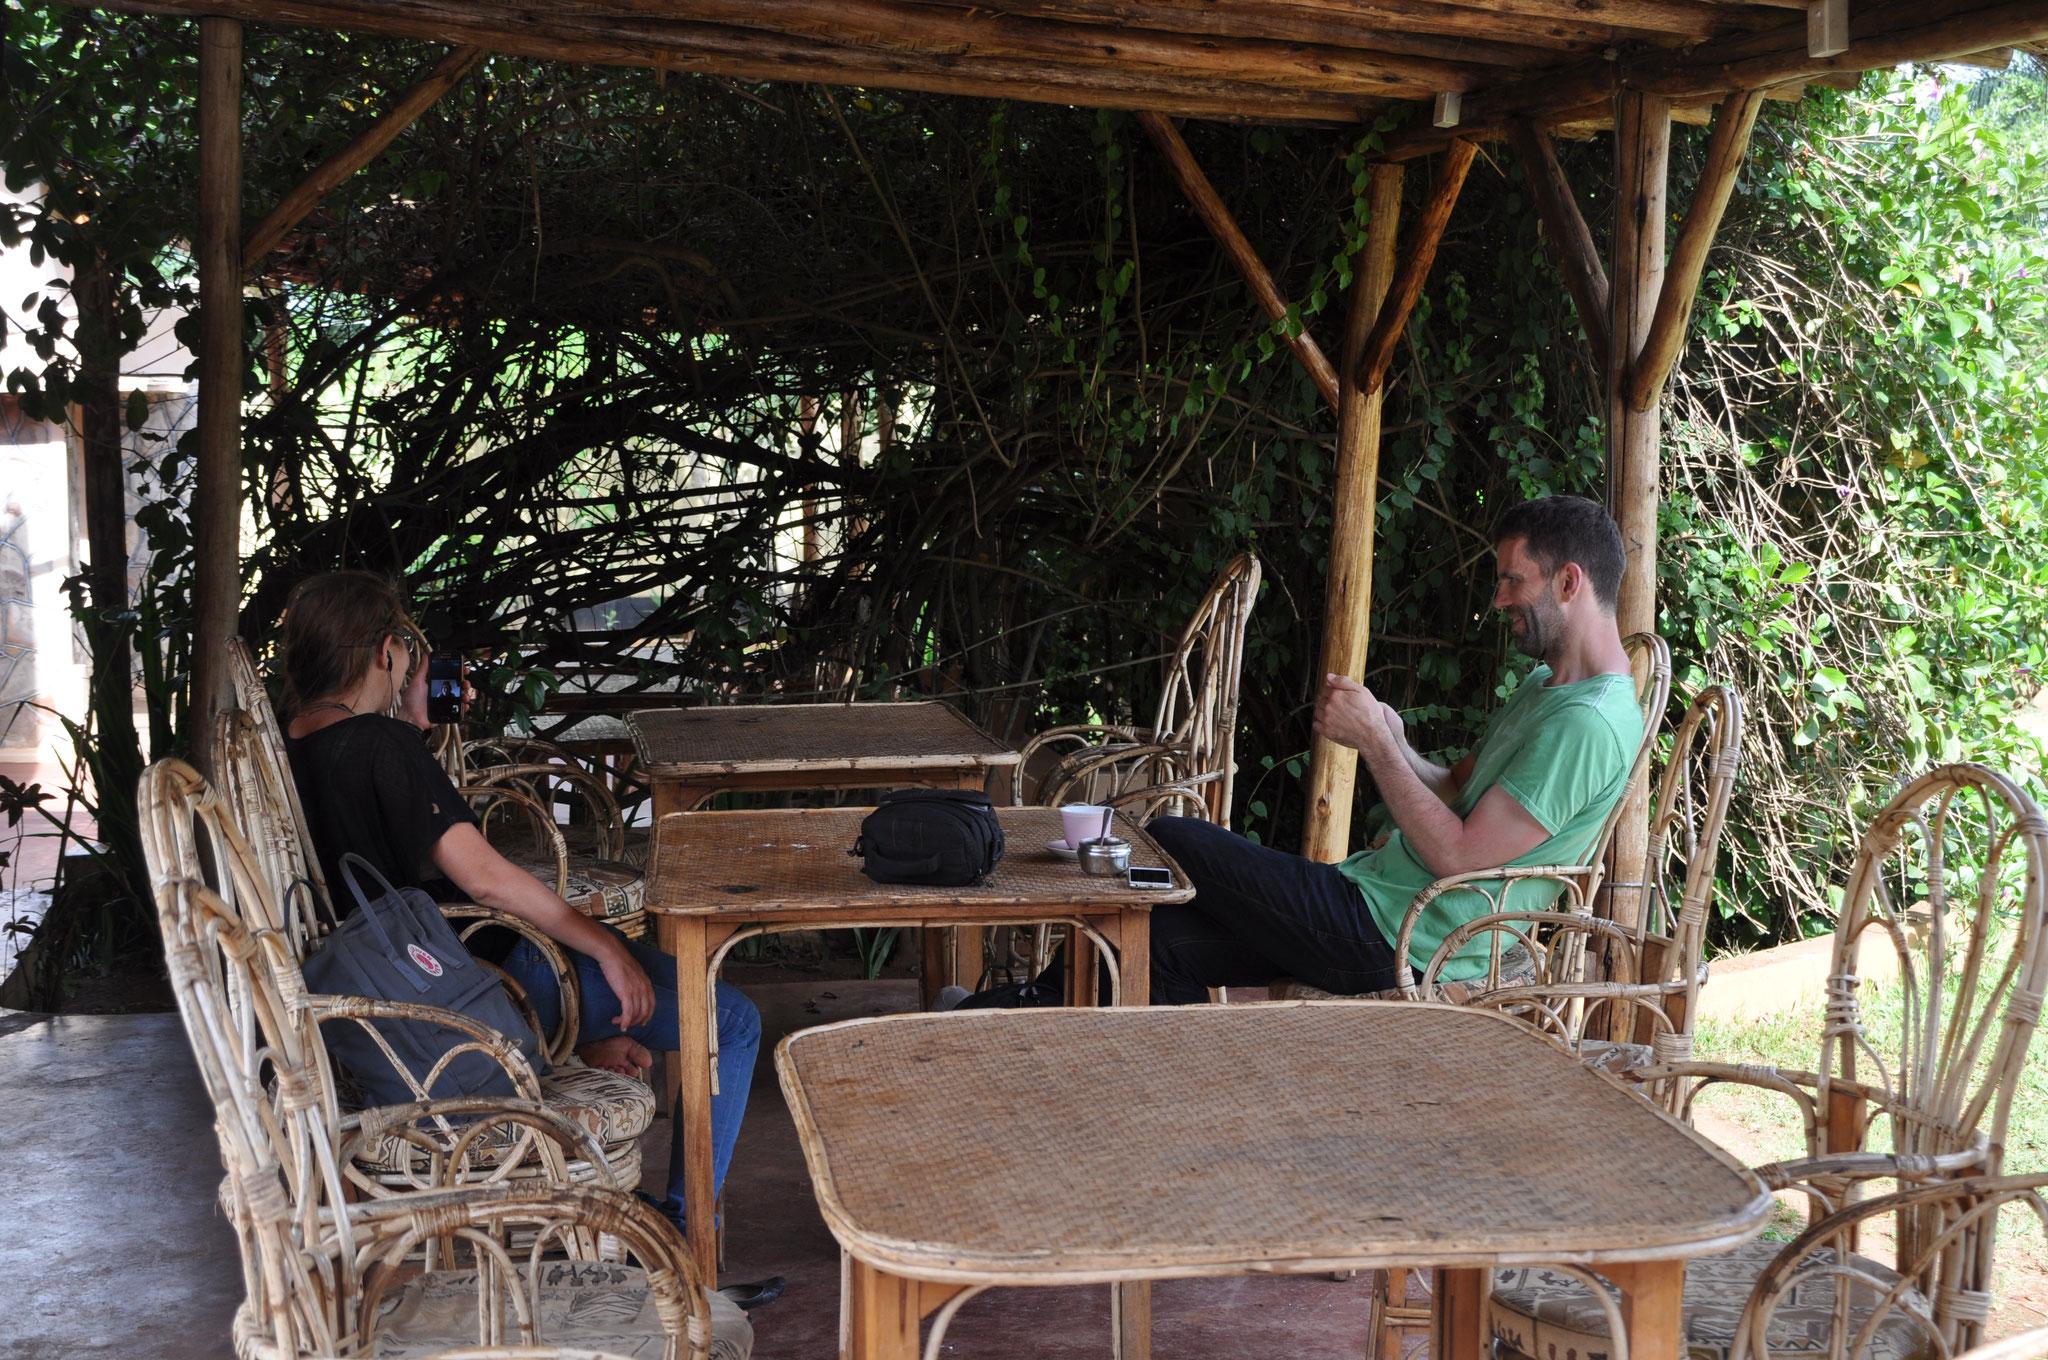 Und da man hin und wieder Erholung braucht, genießen wir das Wlan in einem dänischen Café in Masaka